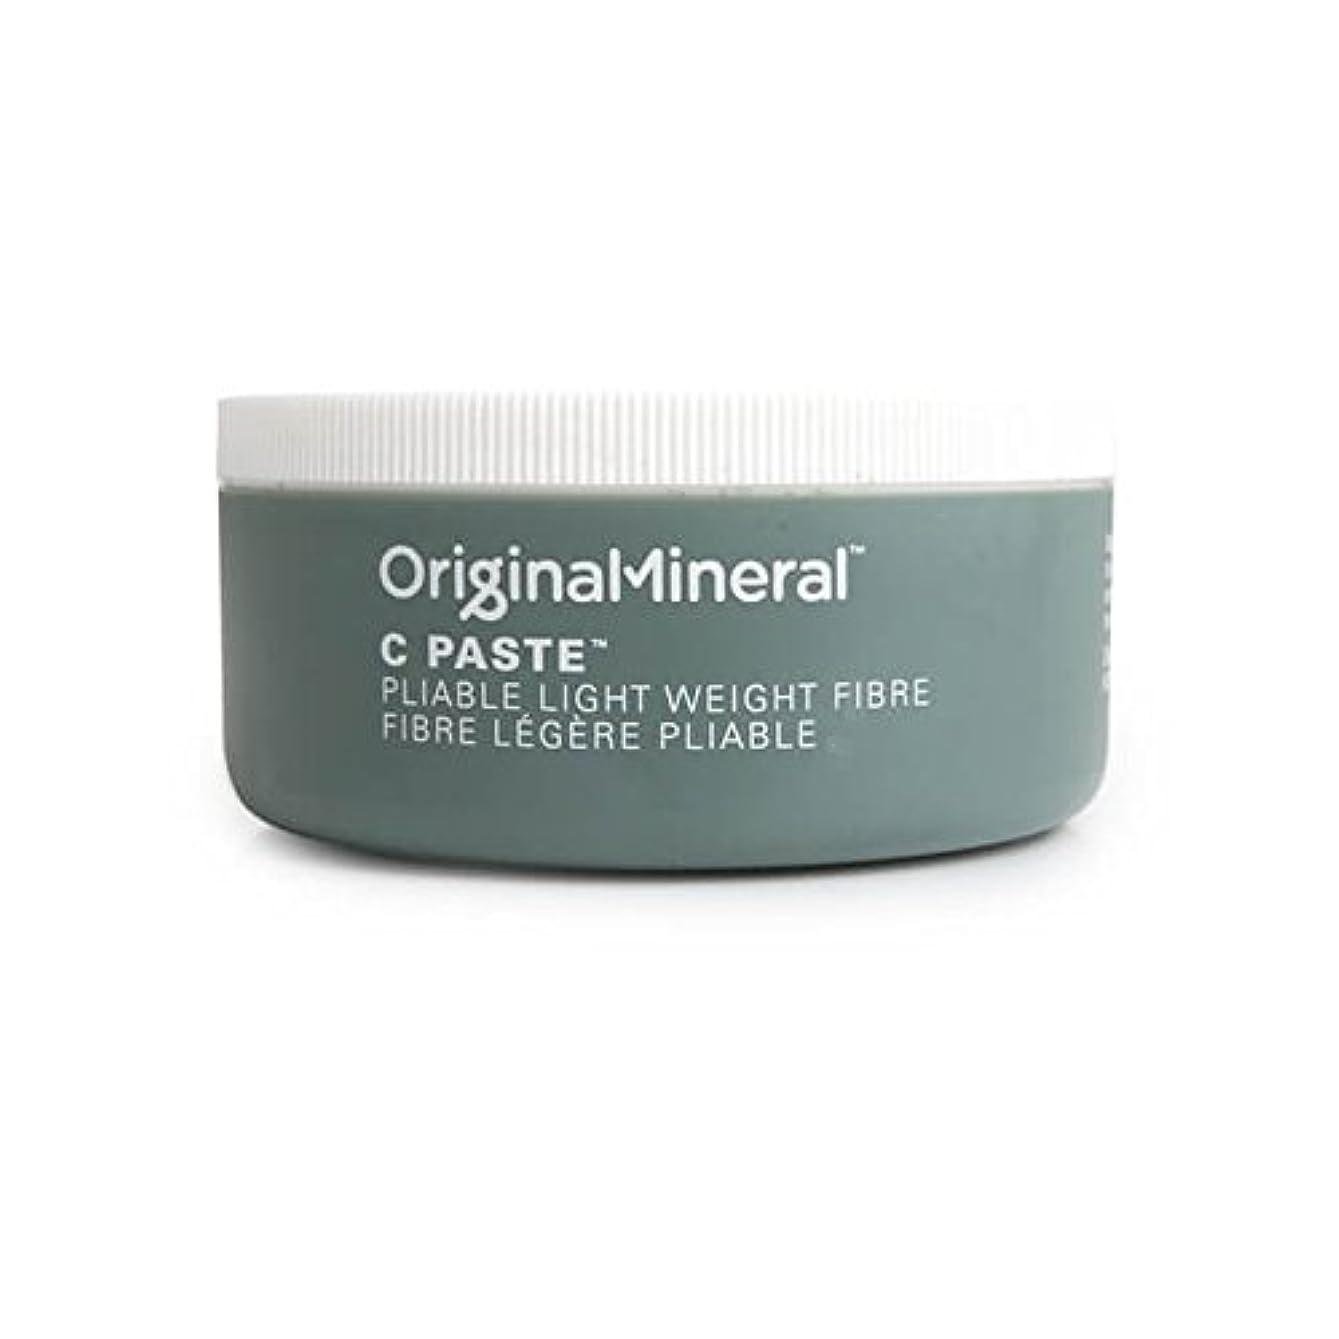 君主制考古学者のスコアOriginal & Mineral C-Paste Hair Wax (100G) - オリジナル&ミネラルの-ペーストヘアワックス(100グラム) [並行輸入品]